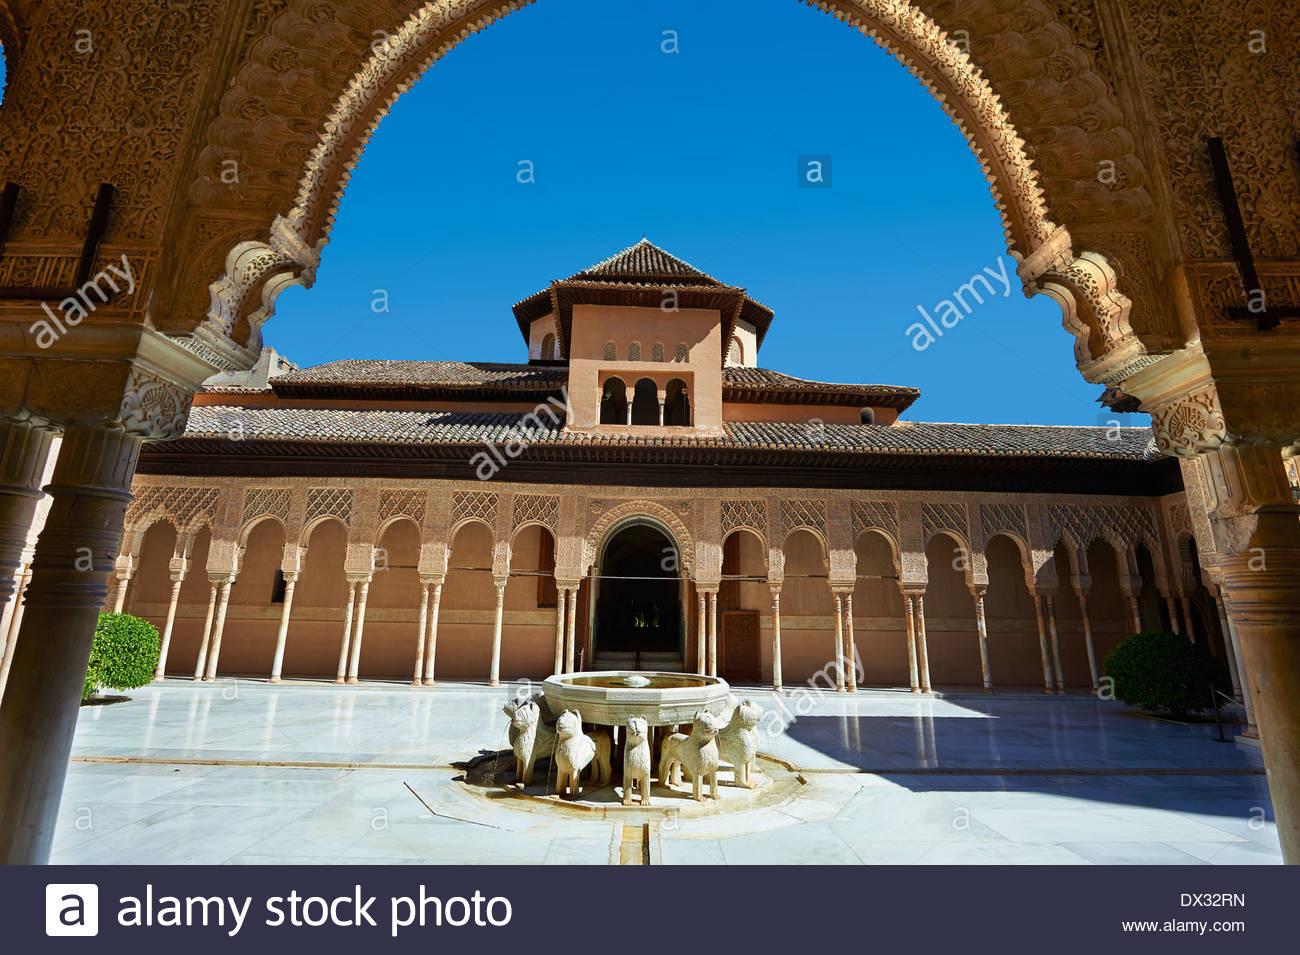 Arabesque architecture mauresque du Patio de los Leones (Cour des Lions), l'Alhambra Palacios Nazaries. Granada, Espagne Photo Stock